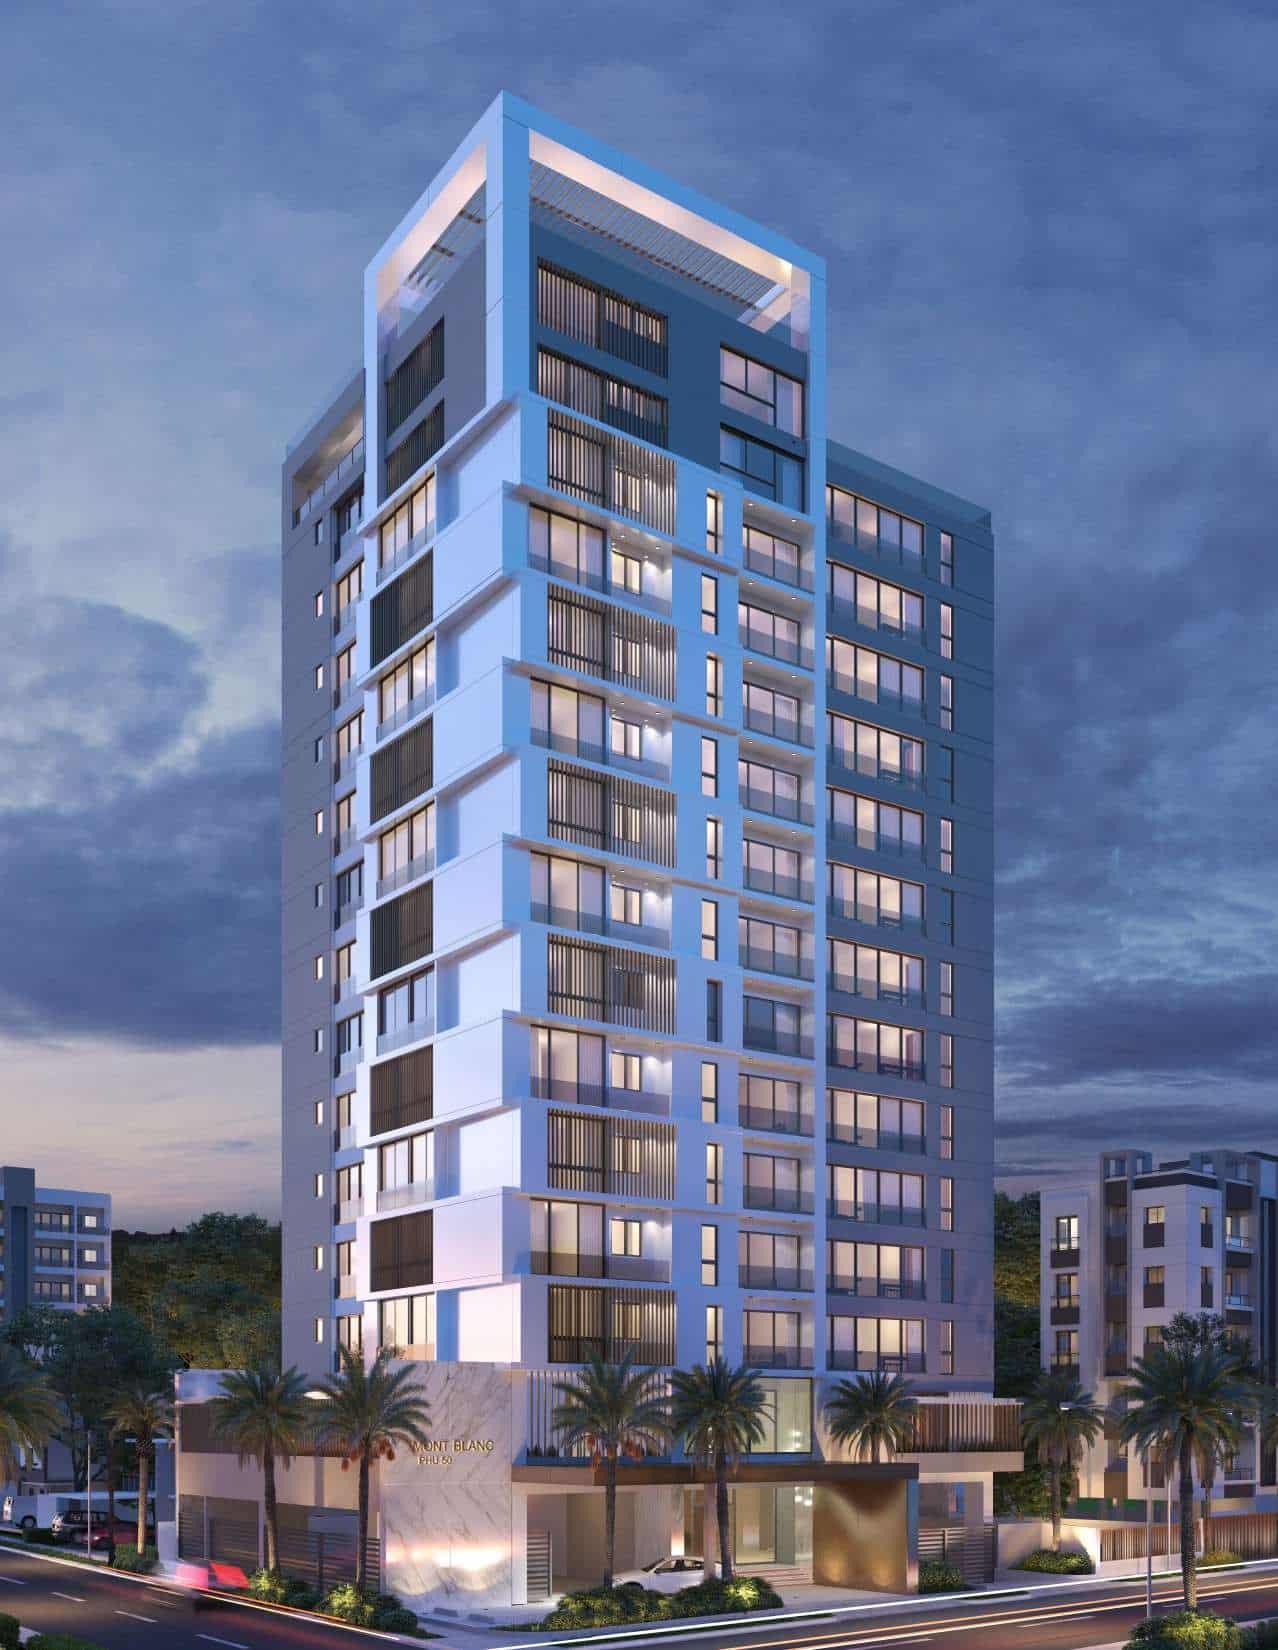 proyecto residencial ubicado en la zona más exclusiva de la Ave. Pedro Henríquez Ureña